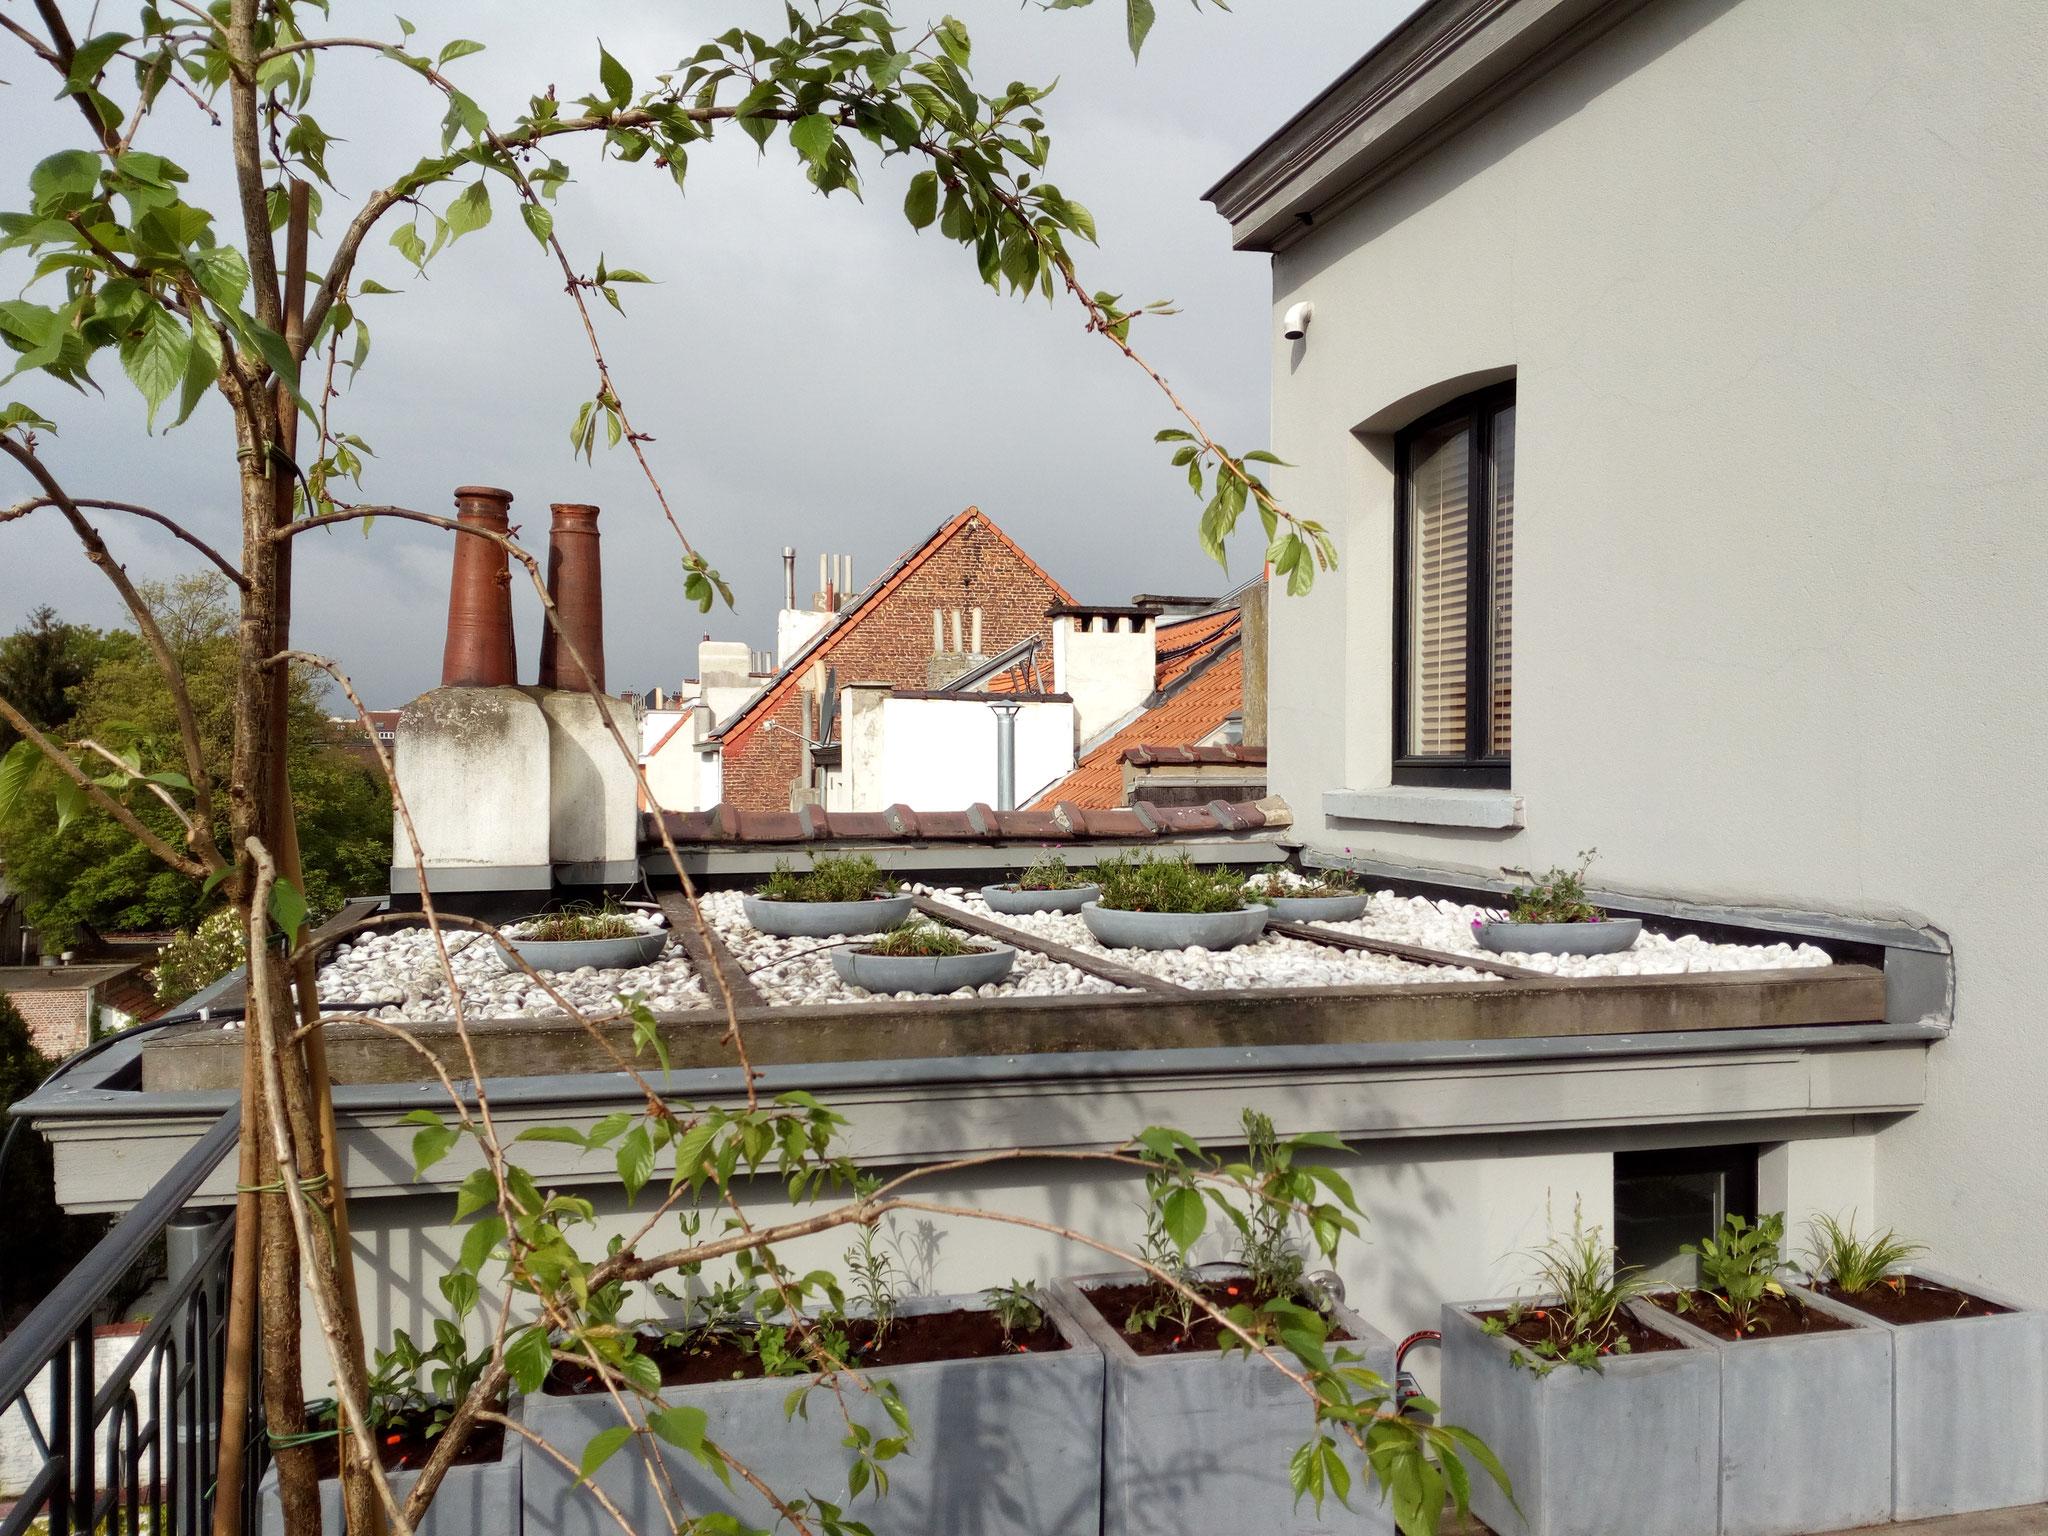 Partie gauche de la terrasse / Toiture - Ambiance rocaille - Amenagement jardin Bruxelles